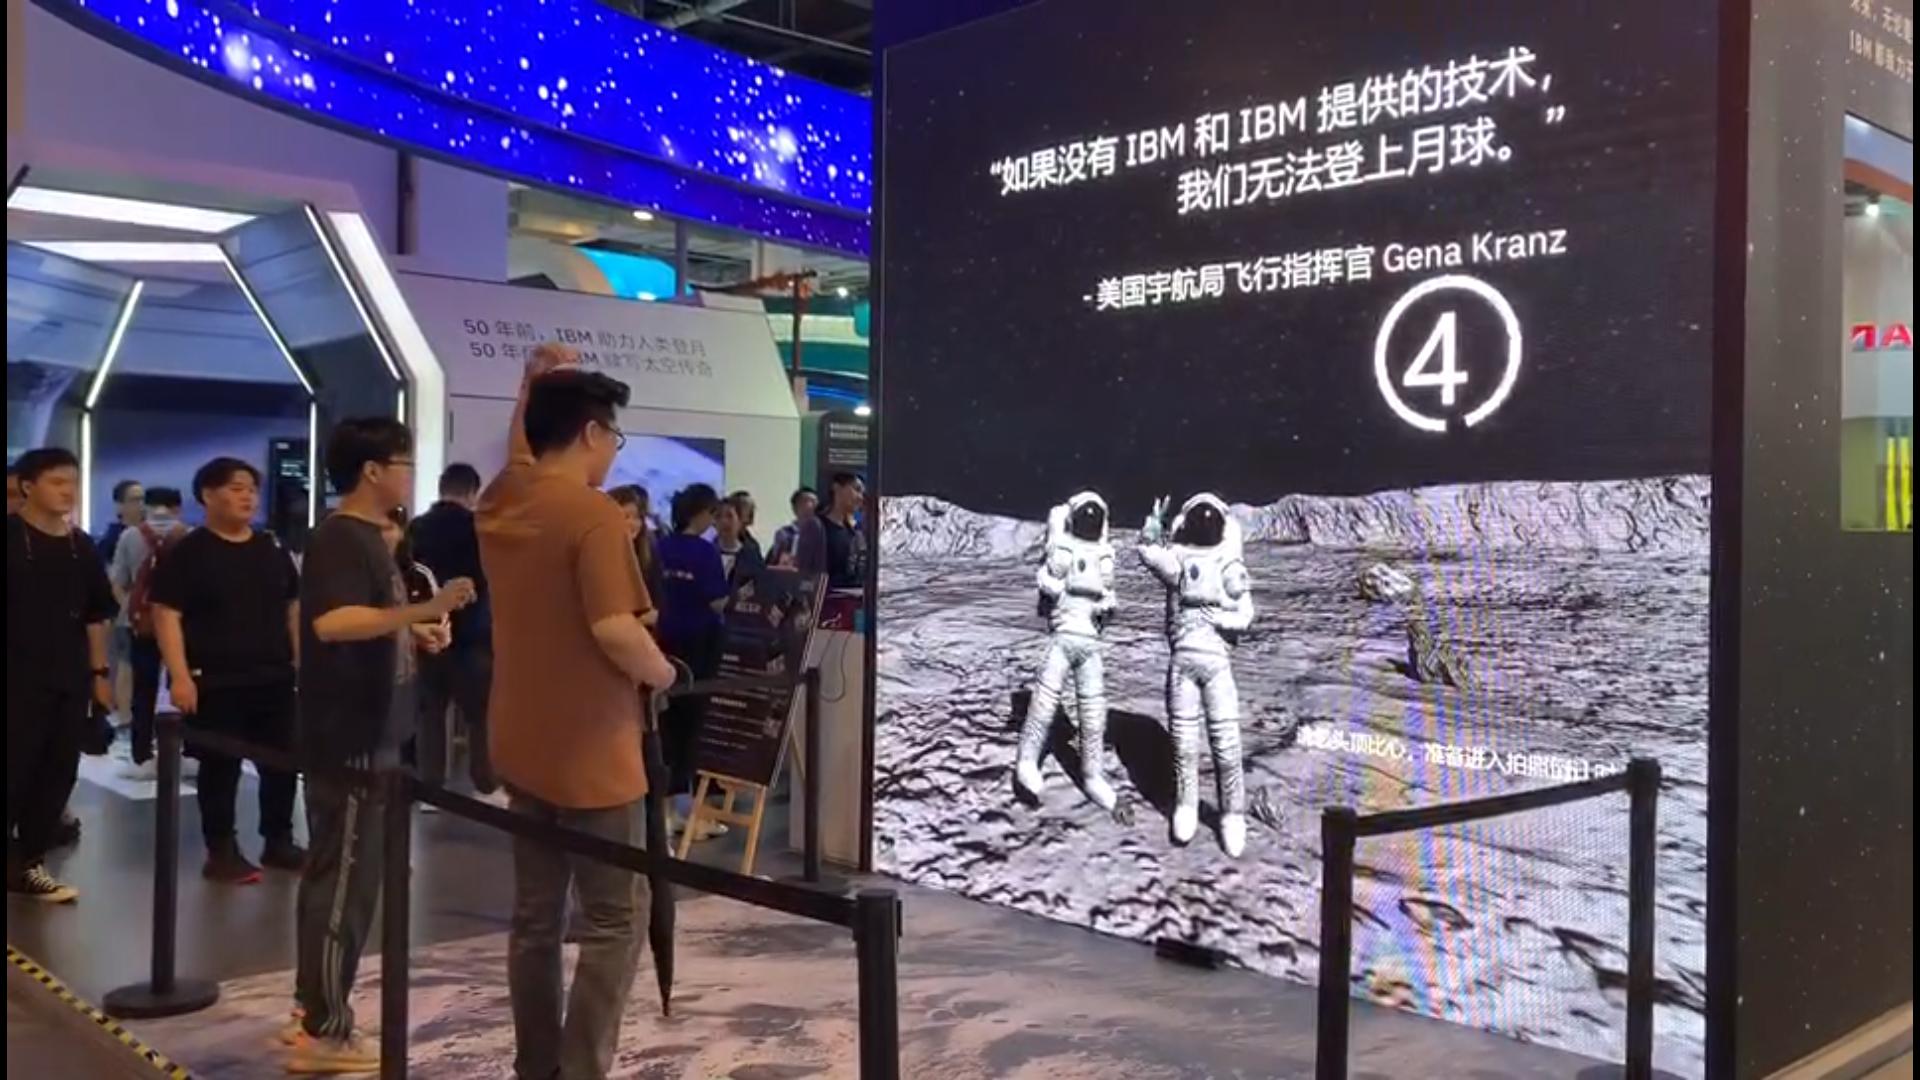 体感互动航天宇航员角色扮演动作同步拍照互动扫描转发定制开发